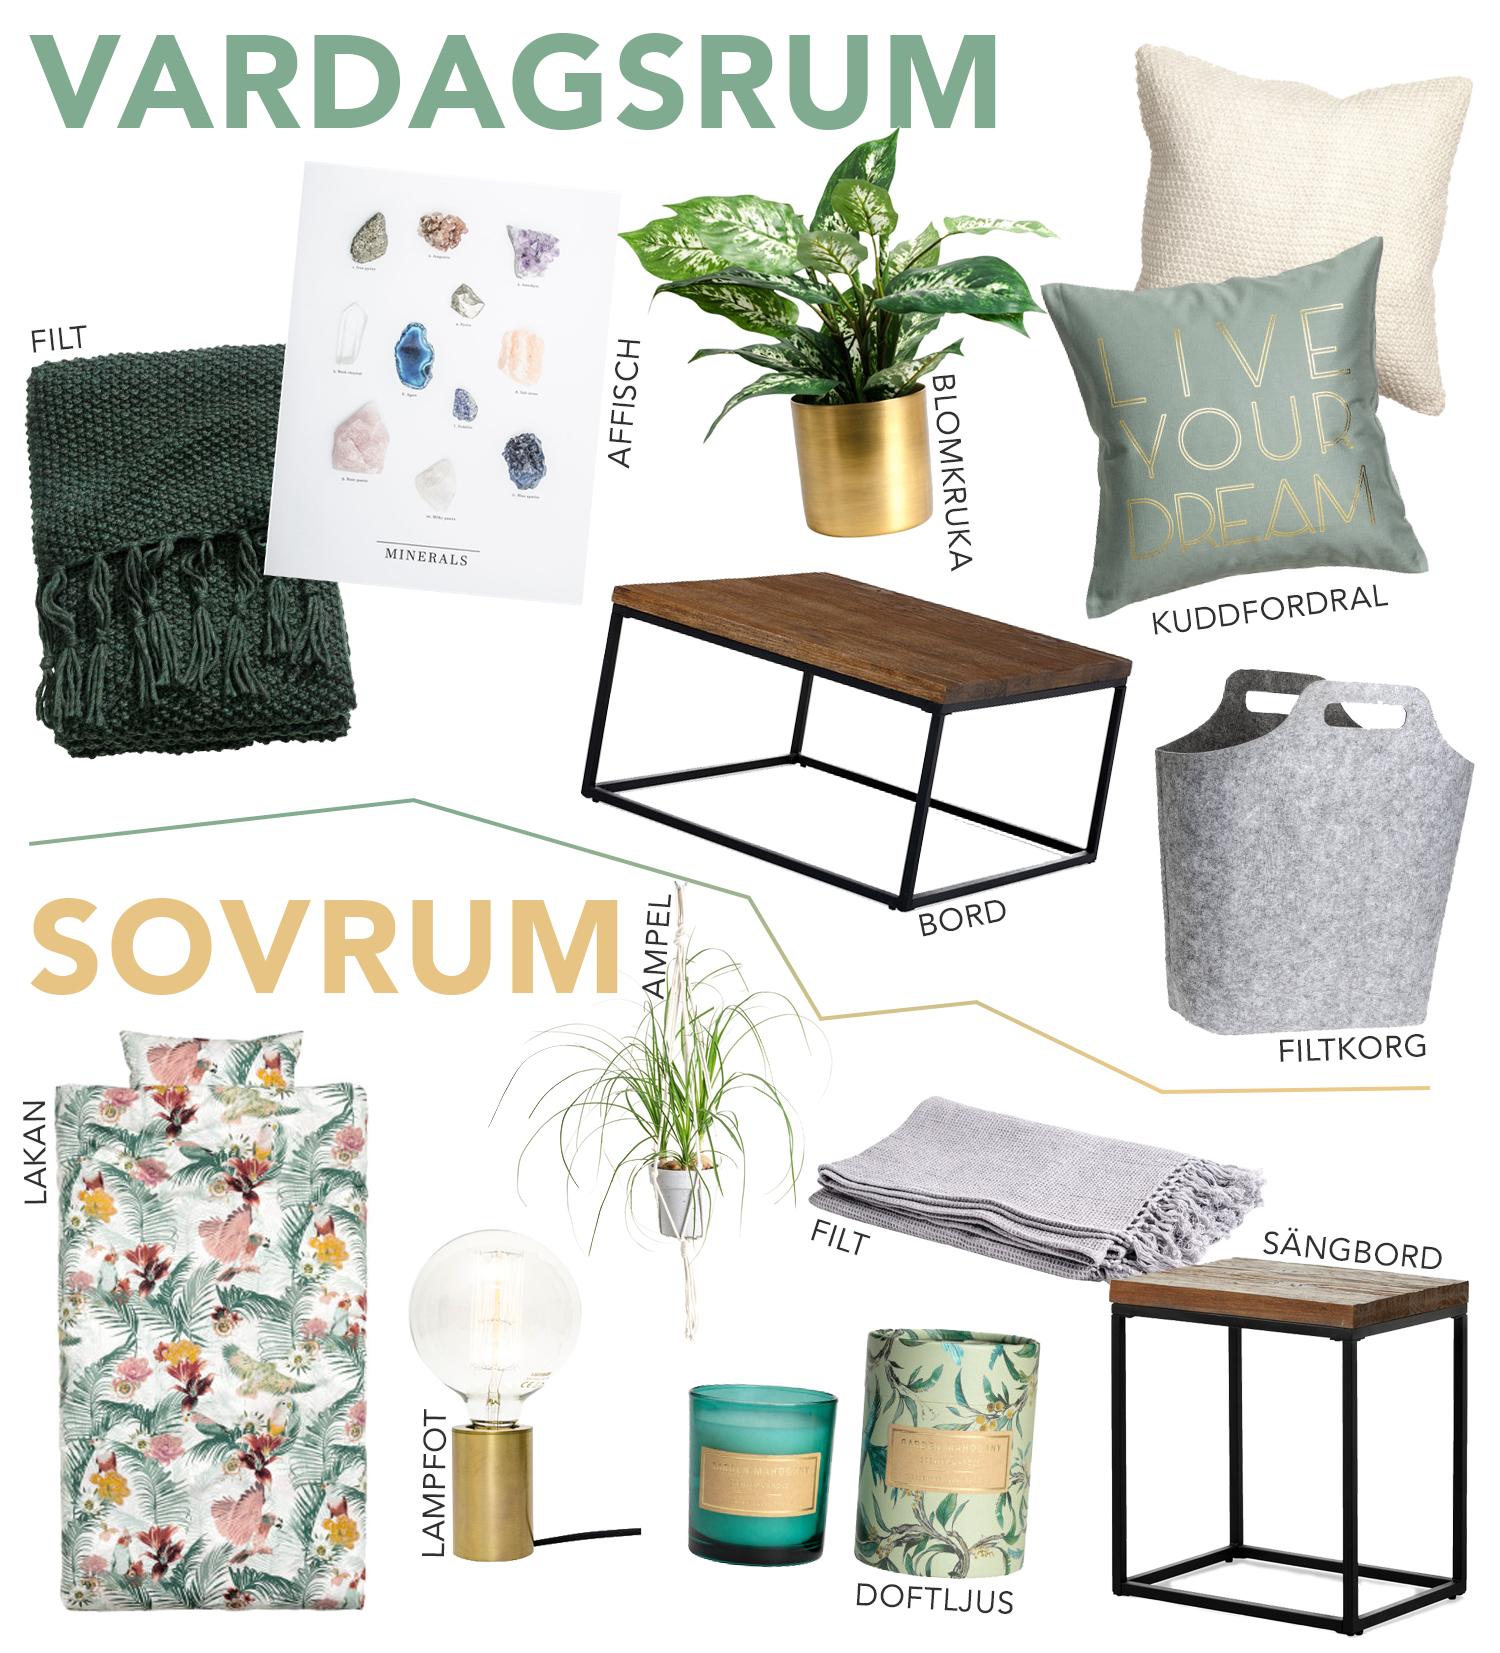 inredning vardagsrum sovrum grönt guld